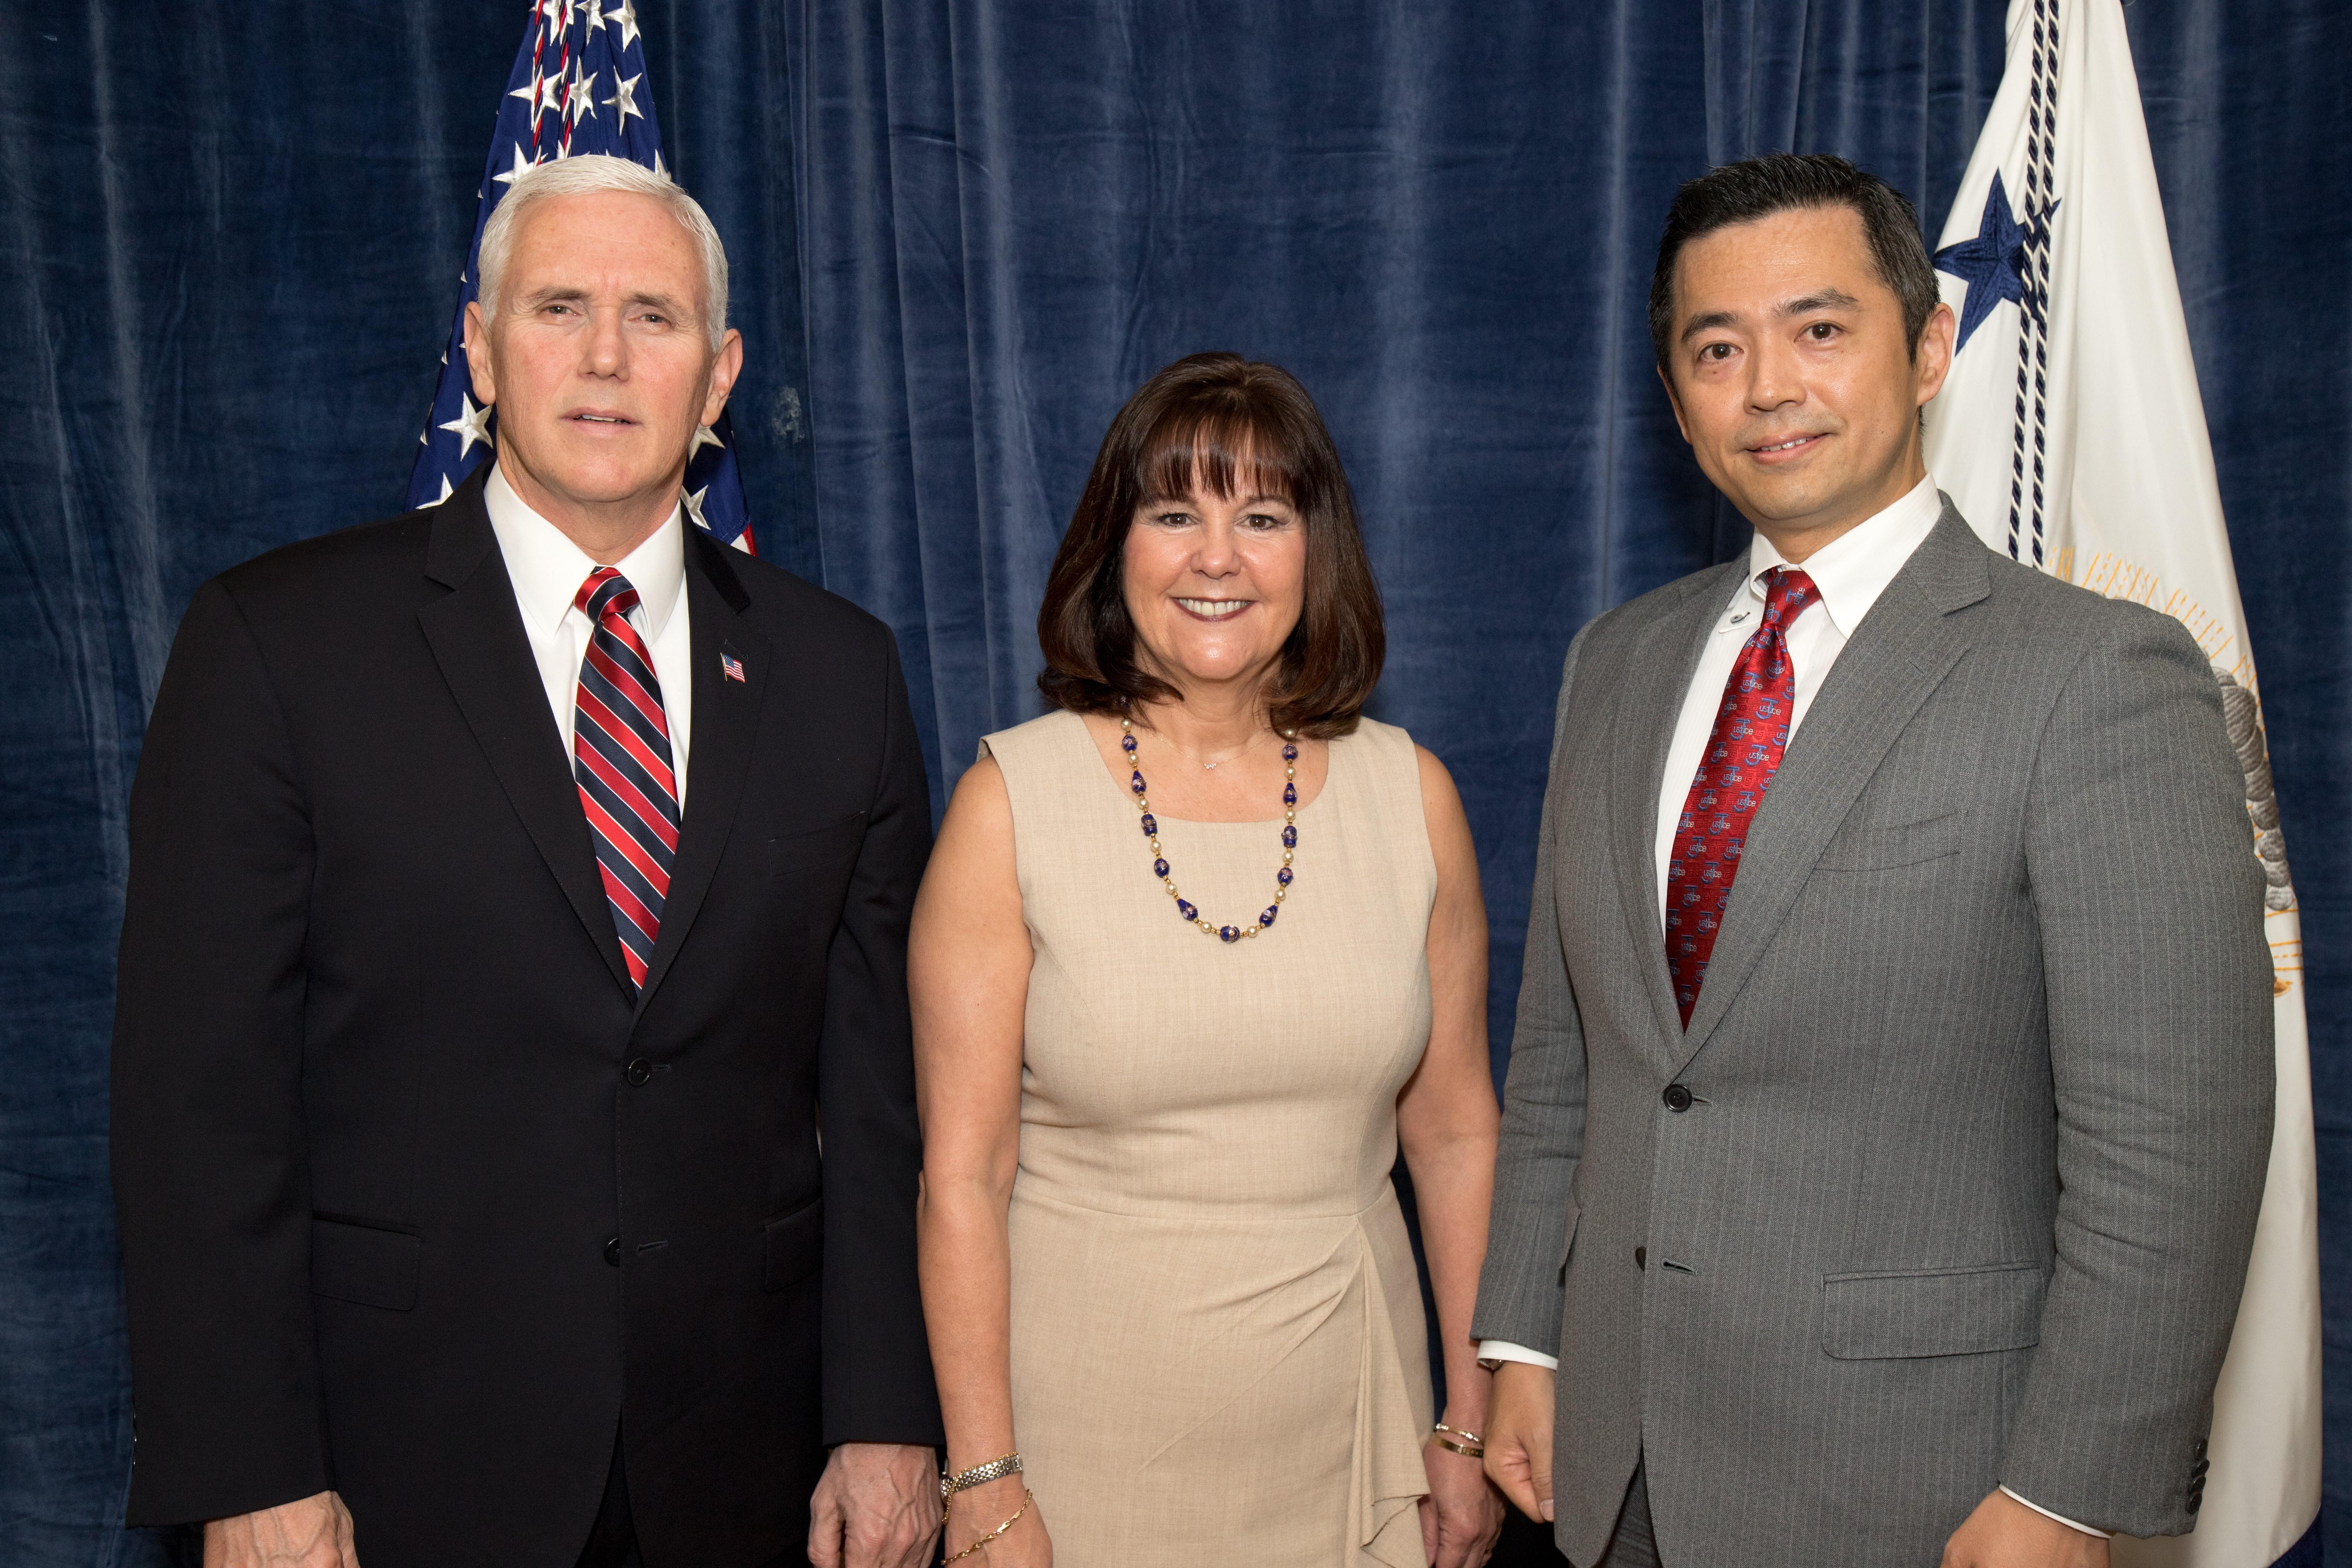 ペンス副大統領夫妻とあえばJCU議長